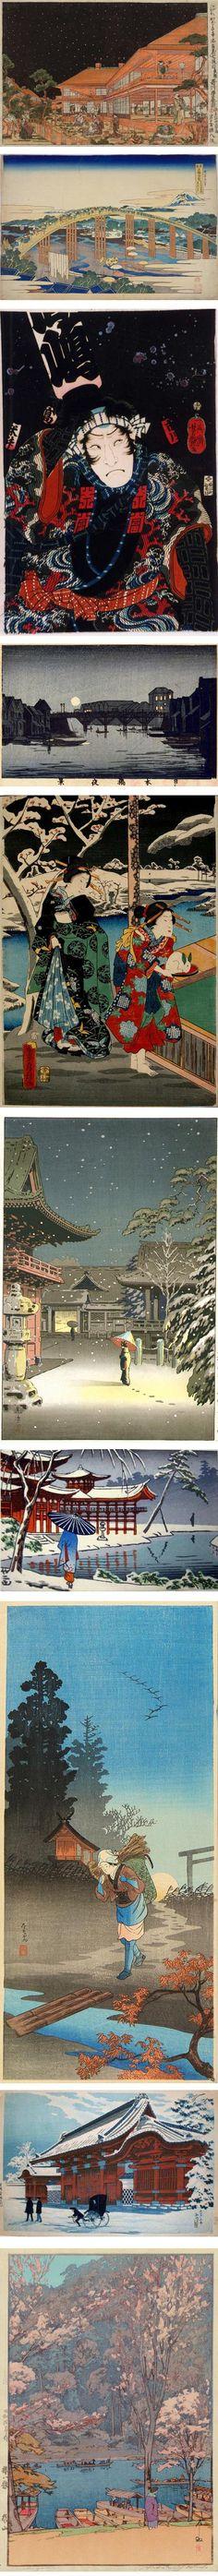 Ukiyo-e Search: Utagawa Toyoharu, Hokusai  Katsushika, Inoue Yasuji, Utagawa Fusatane, Tsuchiya Koitsu, Fujishima Takeji, Watanabe Shotei, Shotei Takahashi, Yoshida Hiroshi